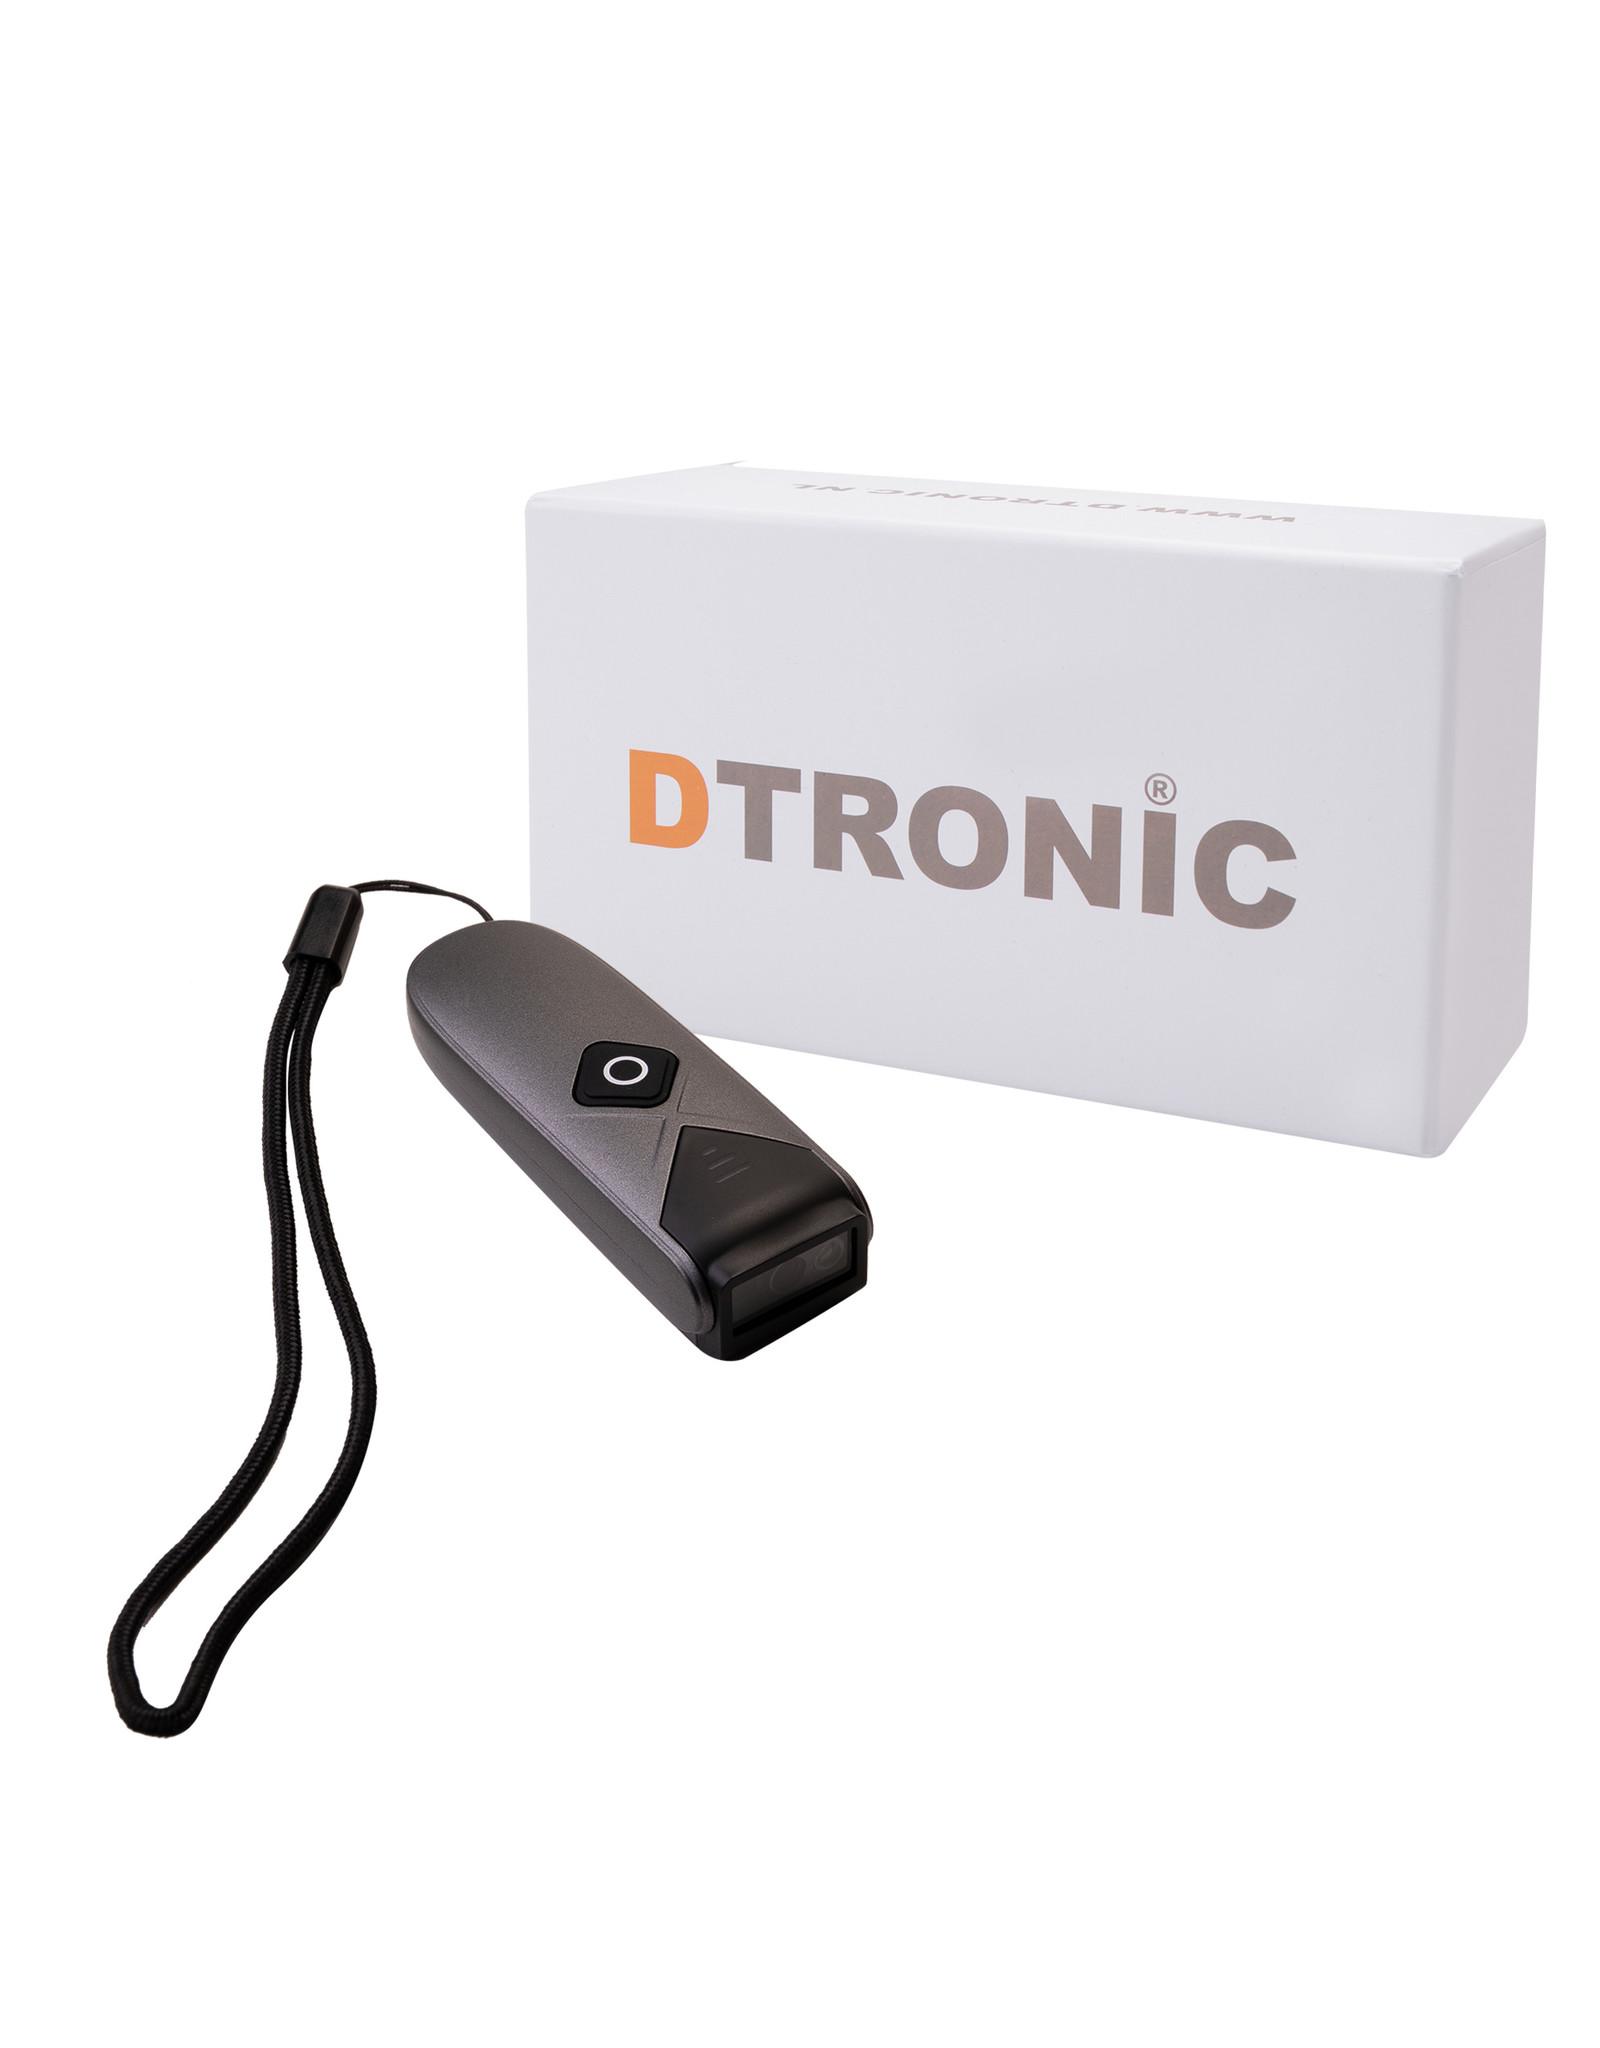 DTRONIC DTRONIC - HW6600